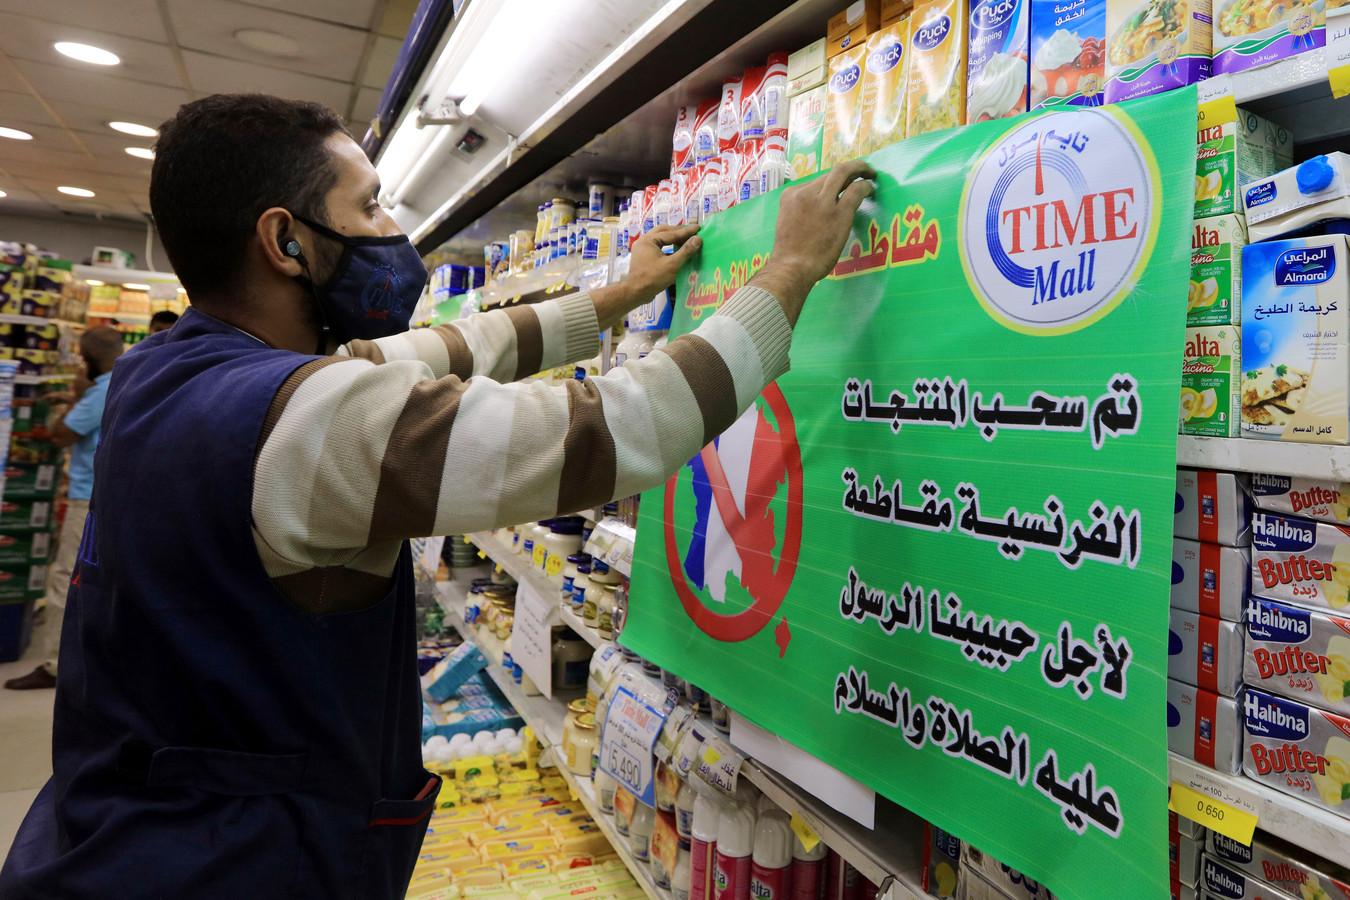 Een supermarktmedewerker in Amman, Jordanië, hangt een papier op dat meldt dat Franse producten worden geboycot.